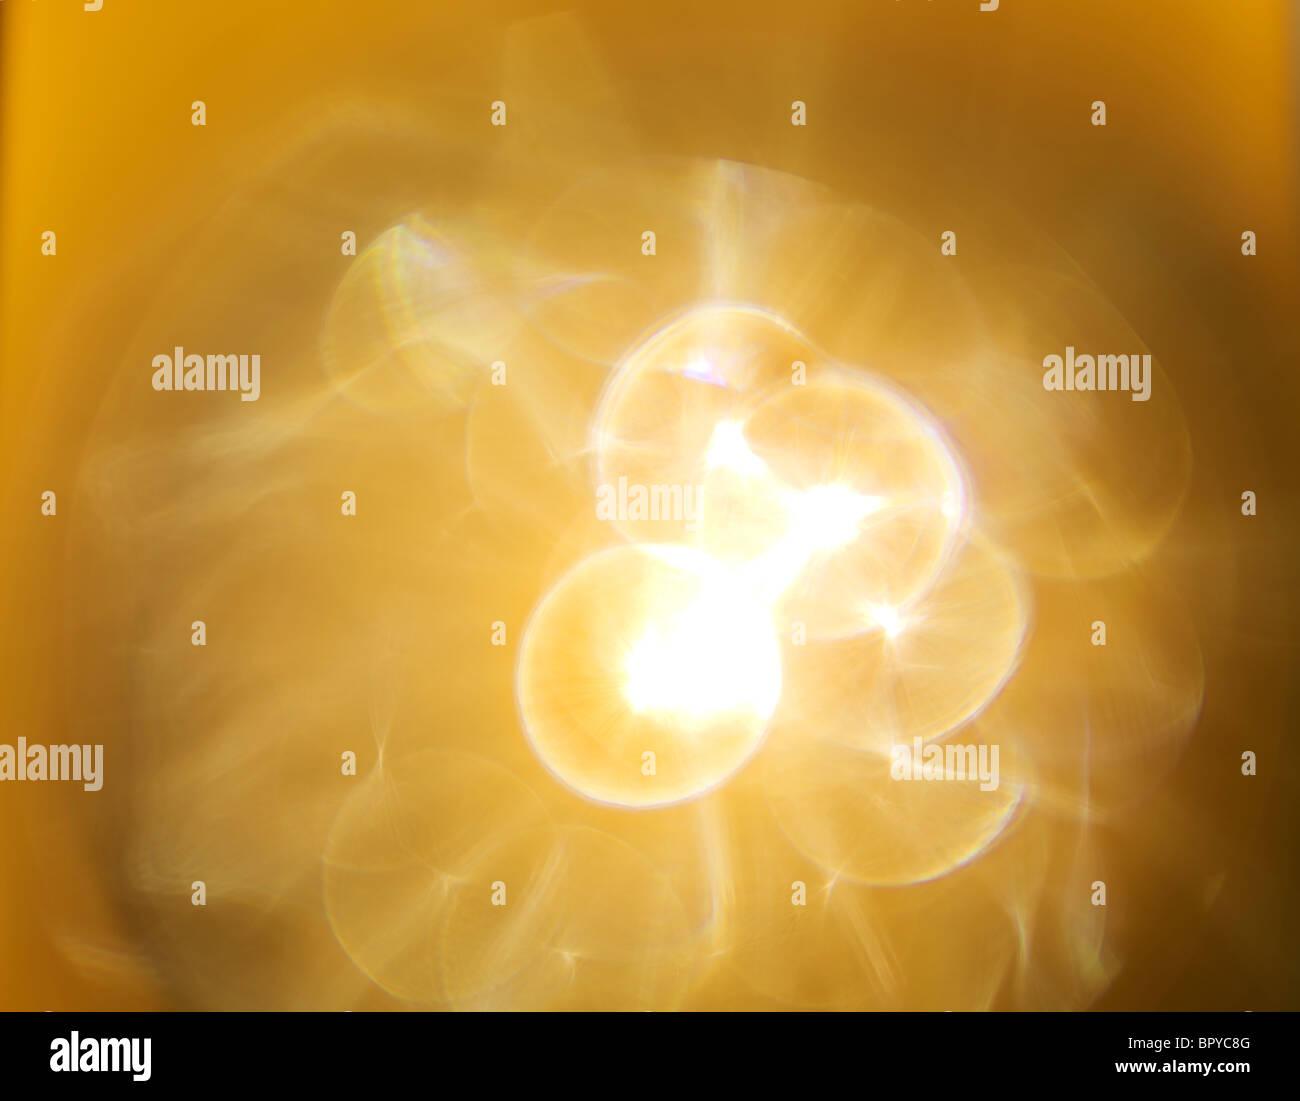 Lens Flare stella gialla luce di burst che crea la sensazione di nebulosi Immagini Stock